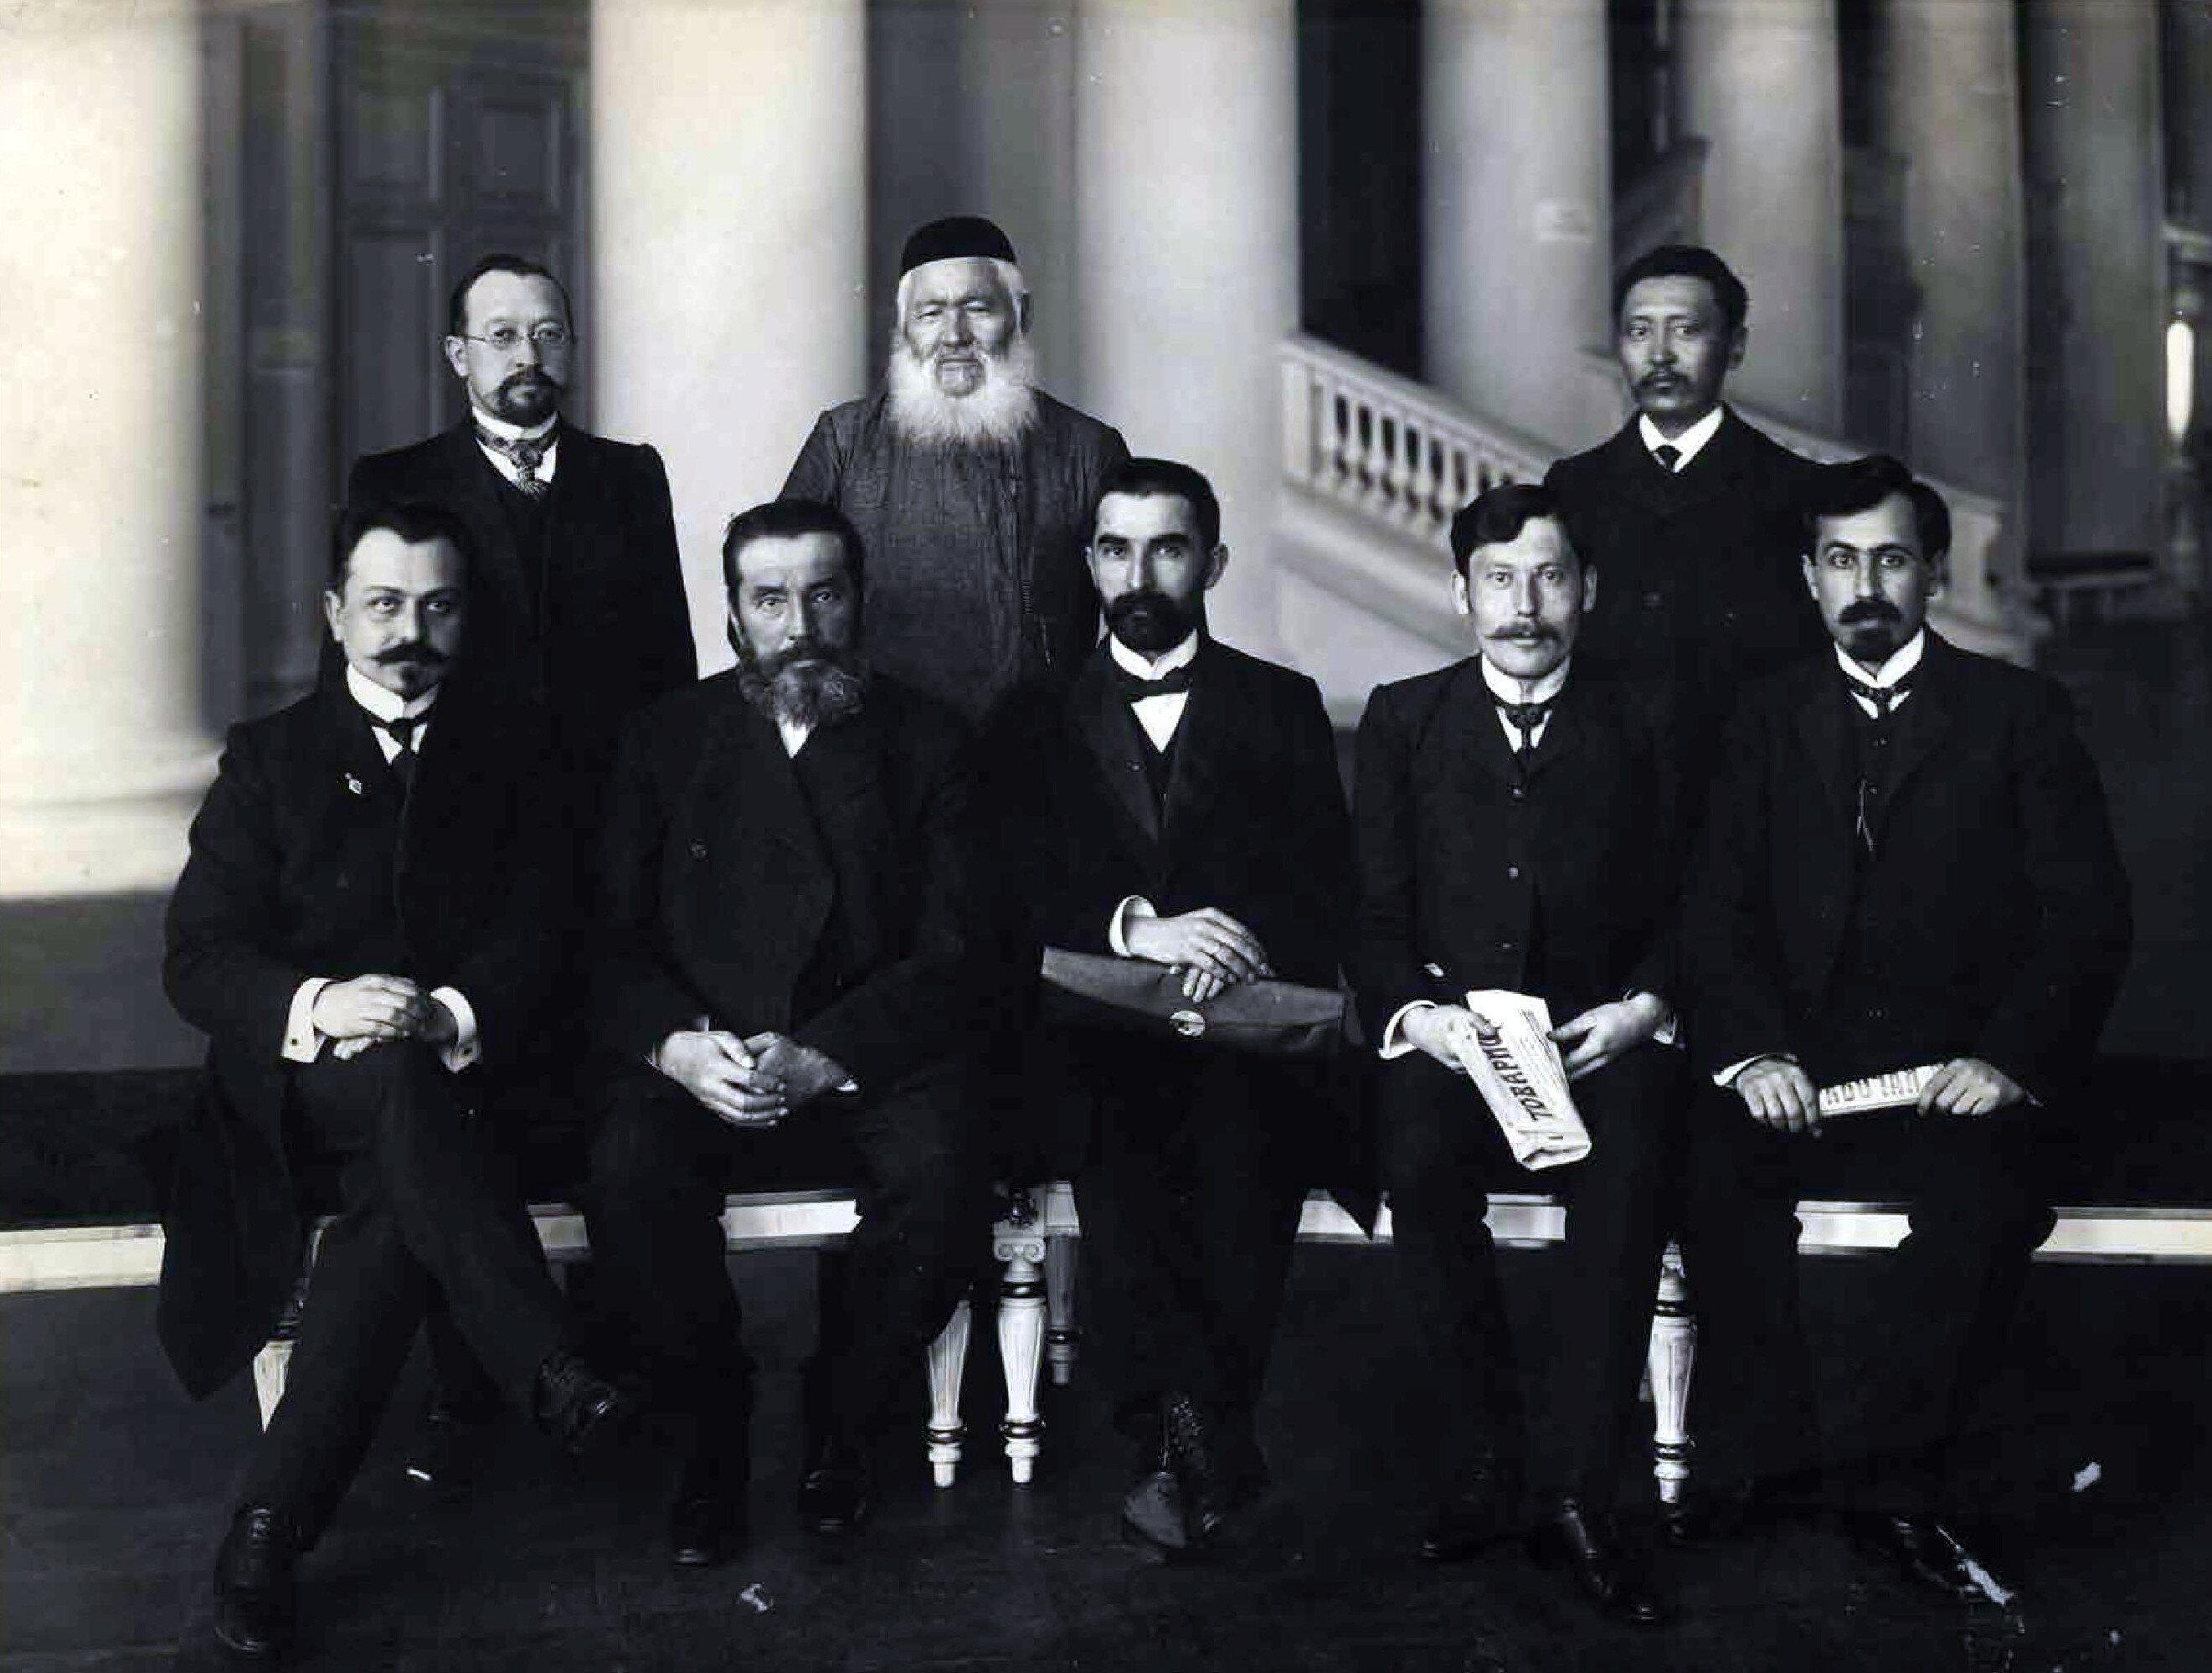 İkinci Duma'da Müslüman Millet vekillerinden bir kısmı Soldan sağa oturanlar: 1. Fethali Han Hoyski (Azerbaycan) 2. Şah Aydar Sırtlanov (İdil) 3.Taşdemir Eldarhanov (Çeçenistan) 4. Abdureşid Mediyev (Kırım) 5. Halil Bey Hasmemmedov (Azerbaycan). Ayakta soldan sağa 1.Muhammed Ekrem Biglov (İdil) 2. Şahbal Seyfetdinov (Orenburg) 3. Ahmed Beremjanov (Türkistan)